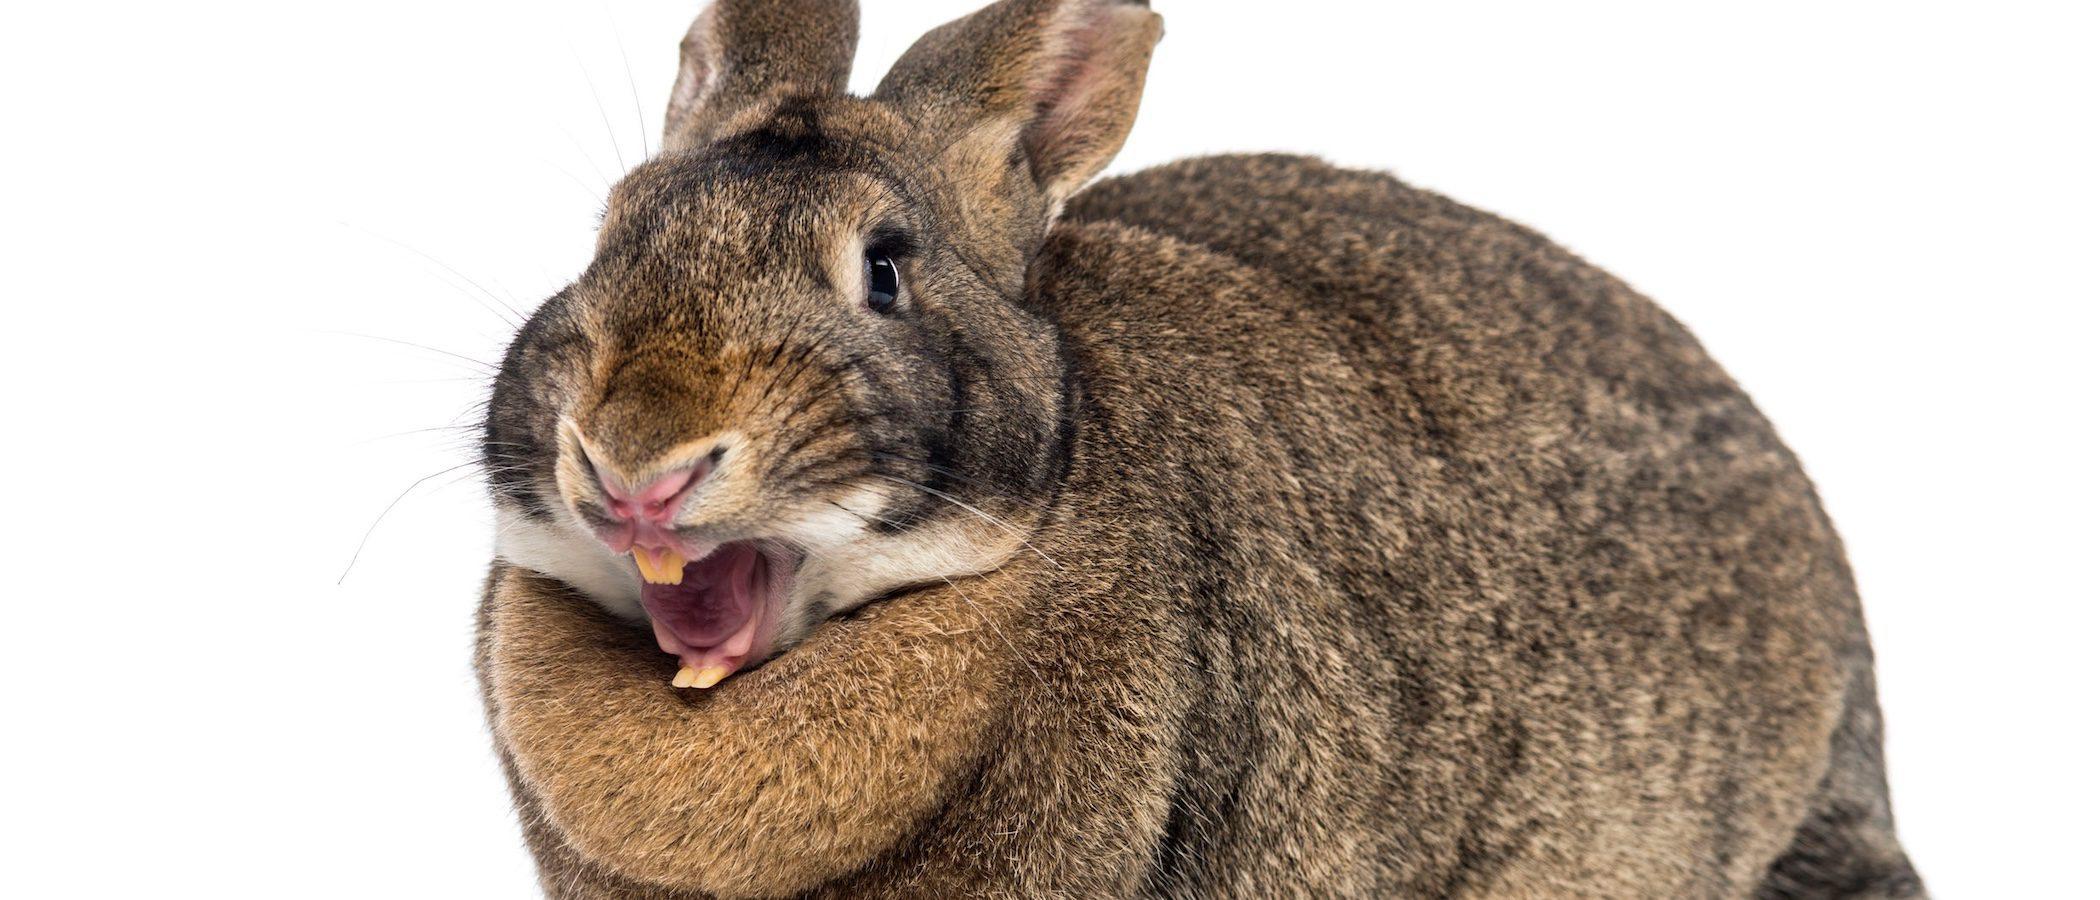 Problemas dentales en los conejos: todo lo que debes saber